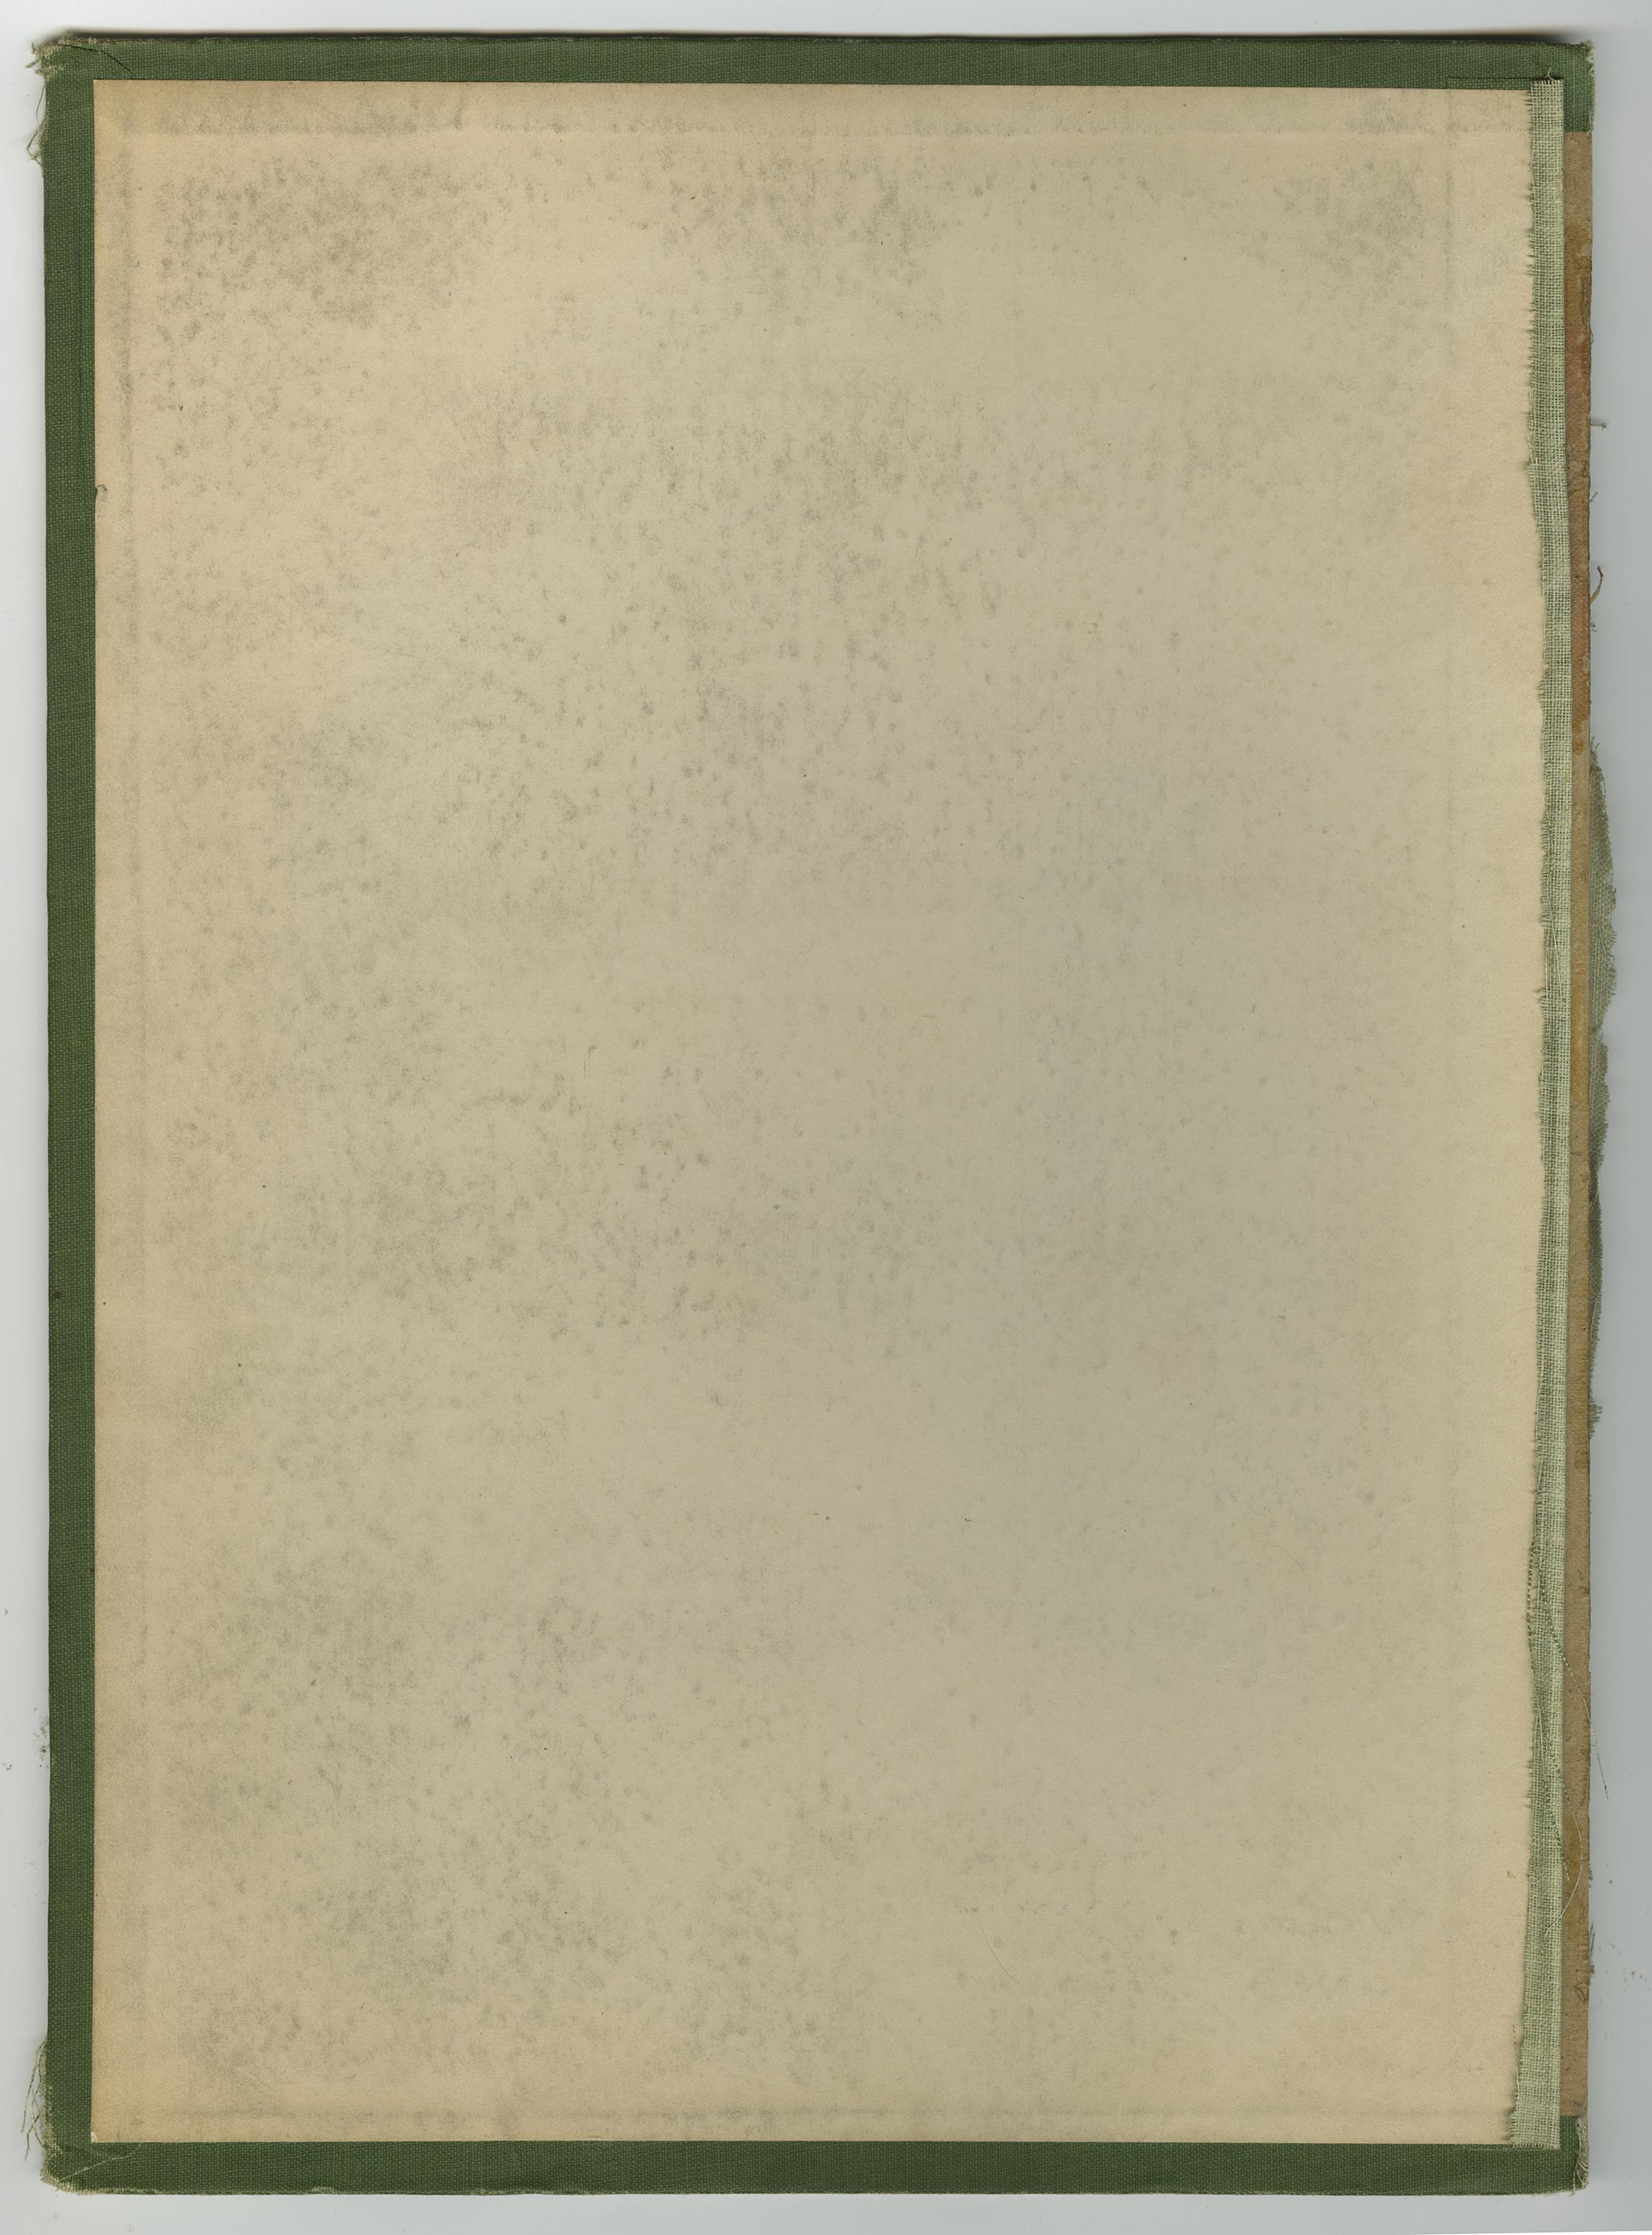 Verso Of Scrapbook Cover Blanche Castleman Link Digital Scrapbook